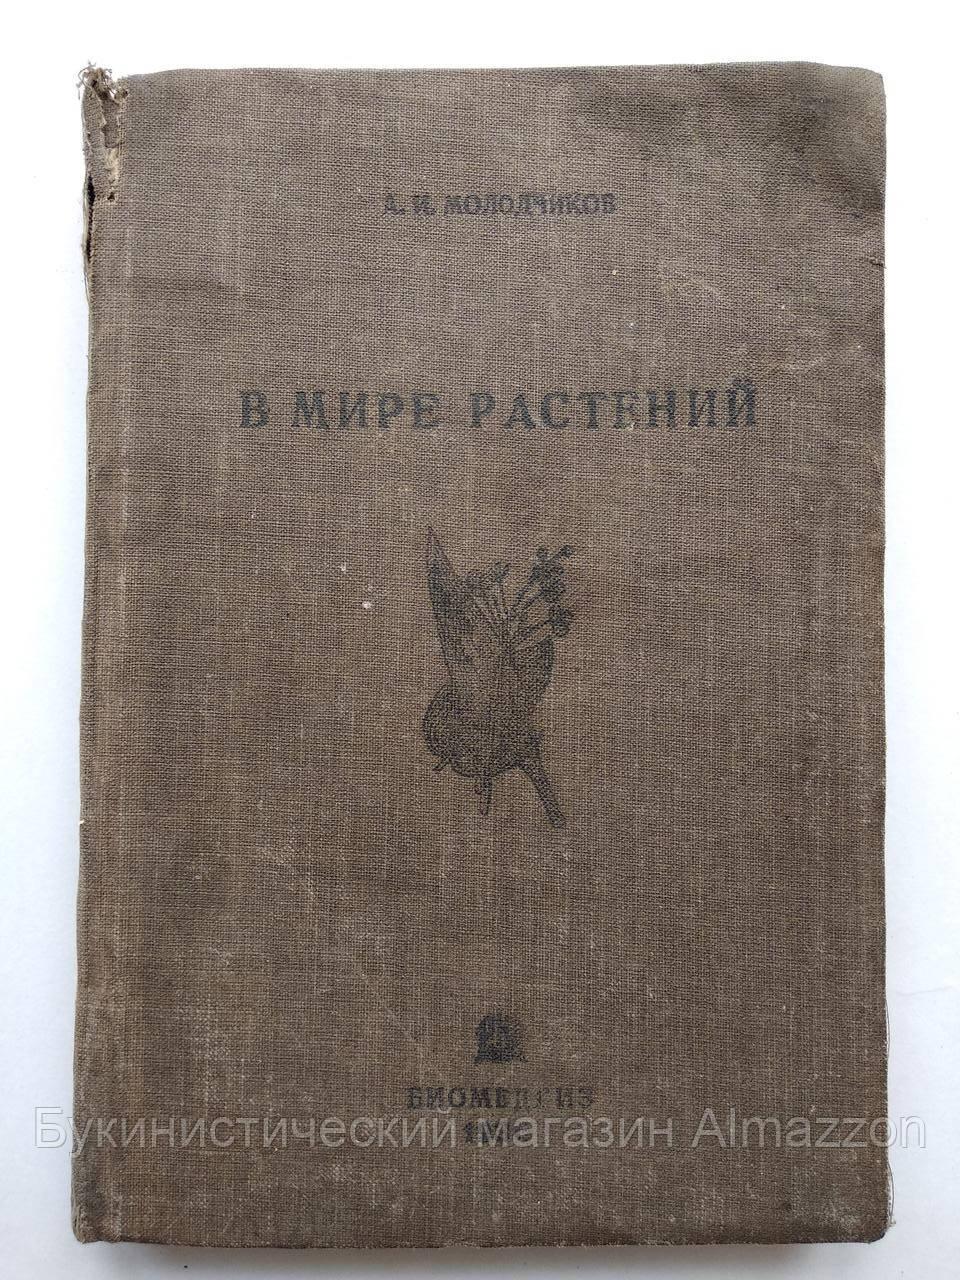 1936 В мире растений. А.И.Молодчиков. Биомедгиз.